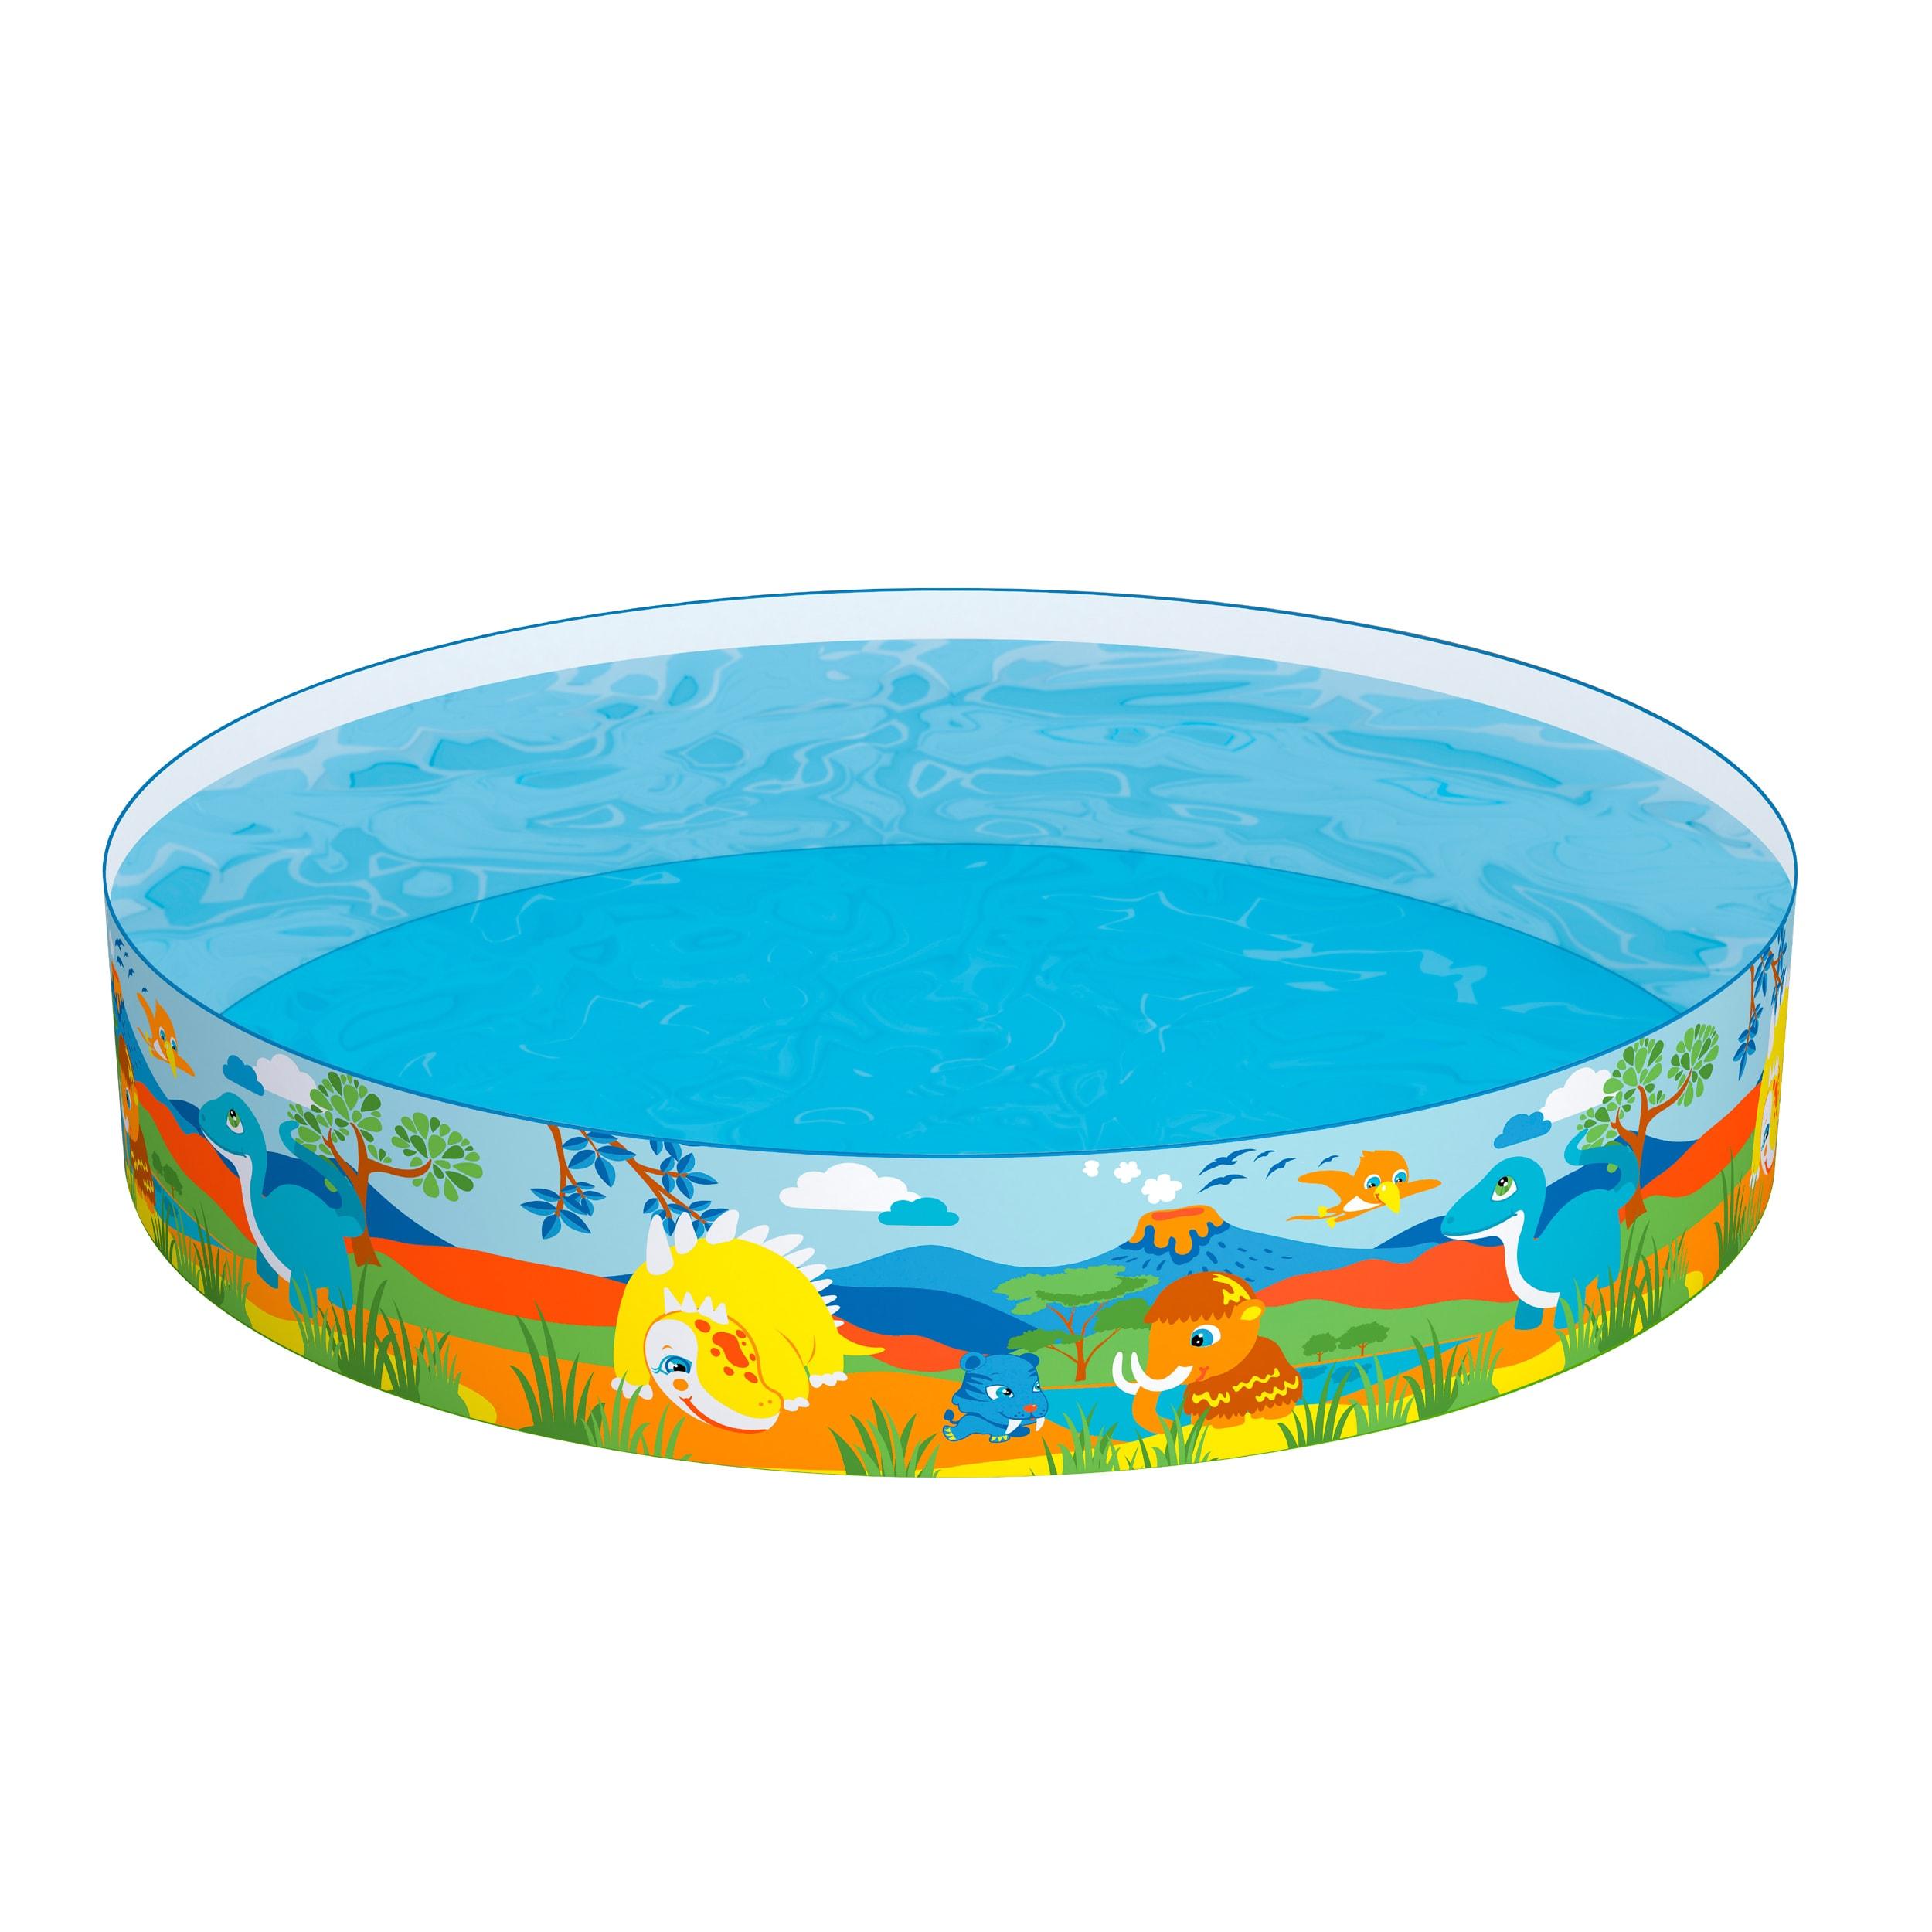 H2OGO! Dinosaur Fill 'N Fun Kiddie Swimming Pool